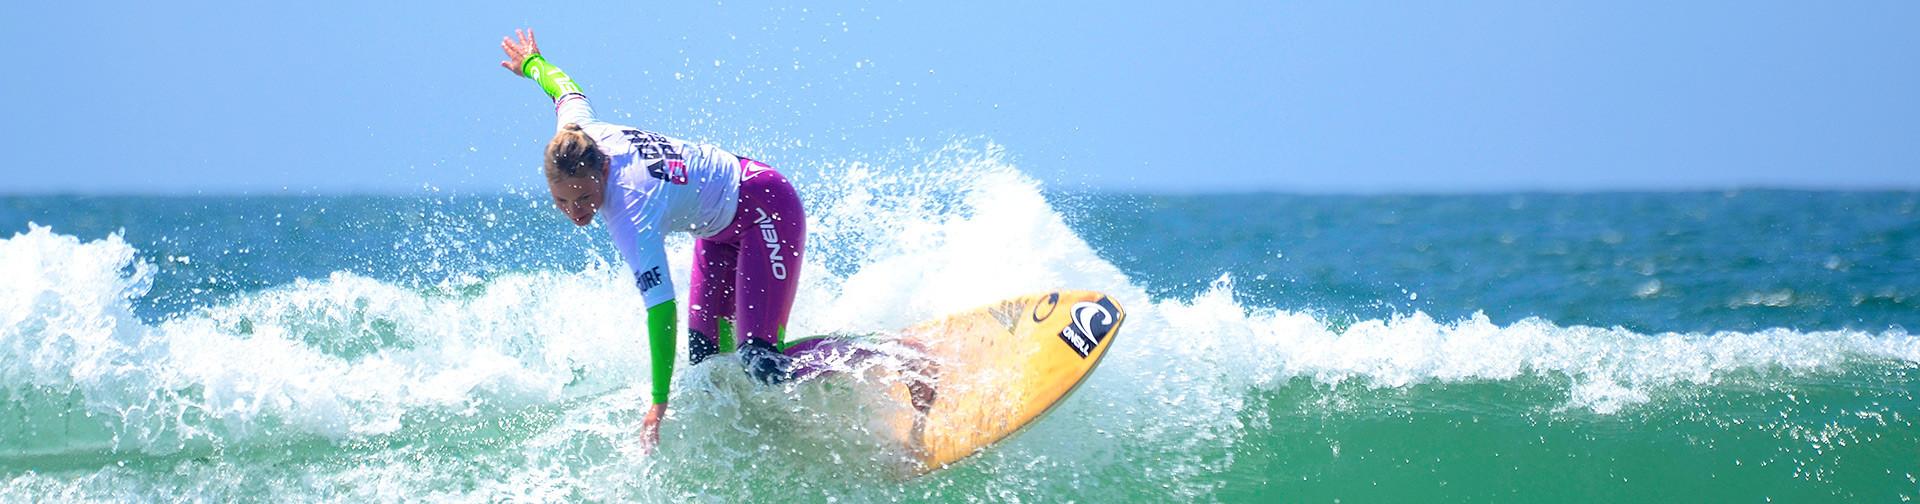 surf_adh2-1920x504